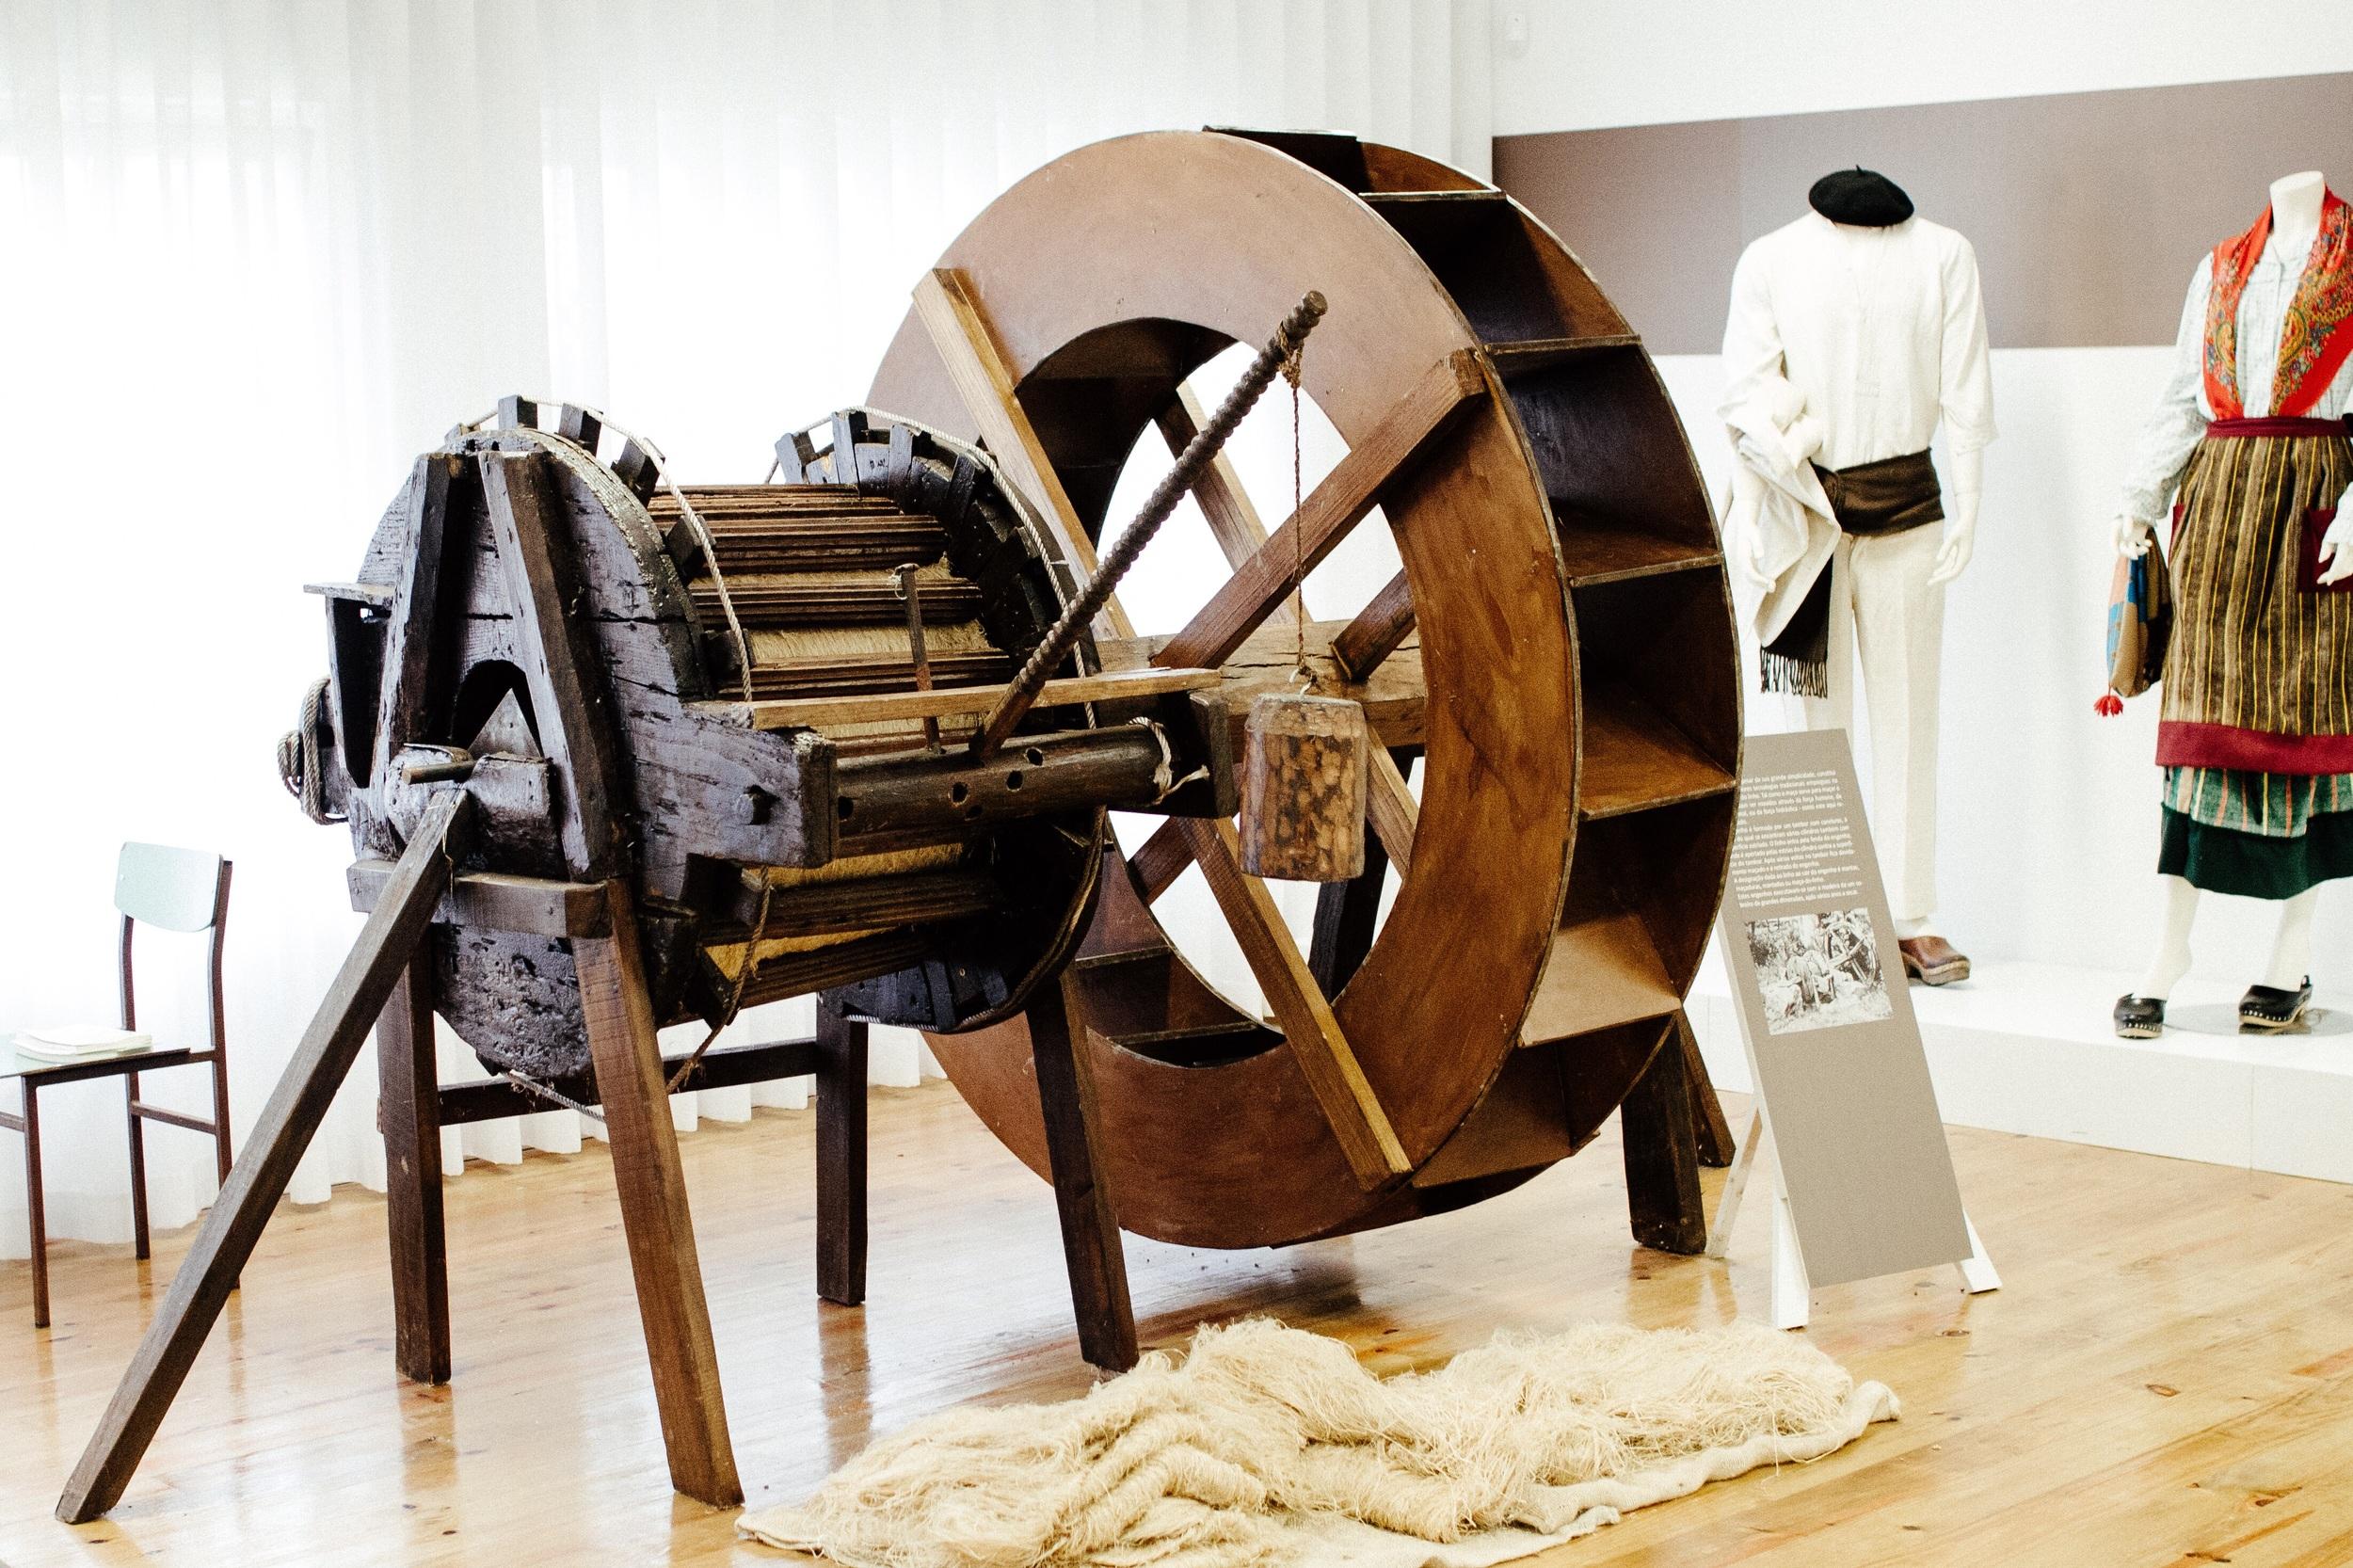 Engenho do linho do Museu do Linho de Marrancos; /  A typical portuguese water operated flax break in the Falx Museum in Marrancos;